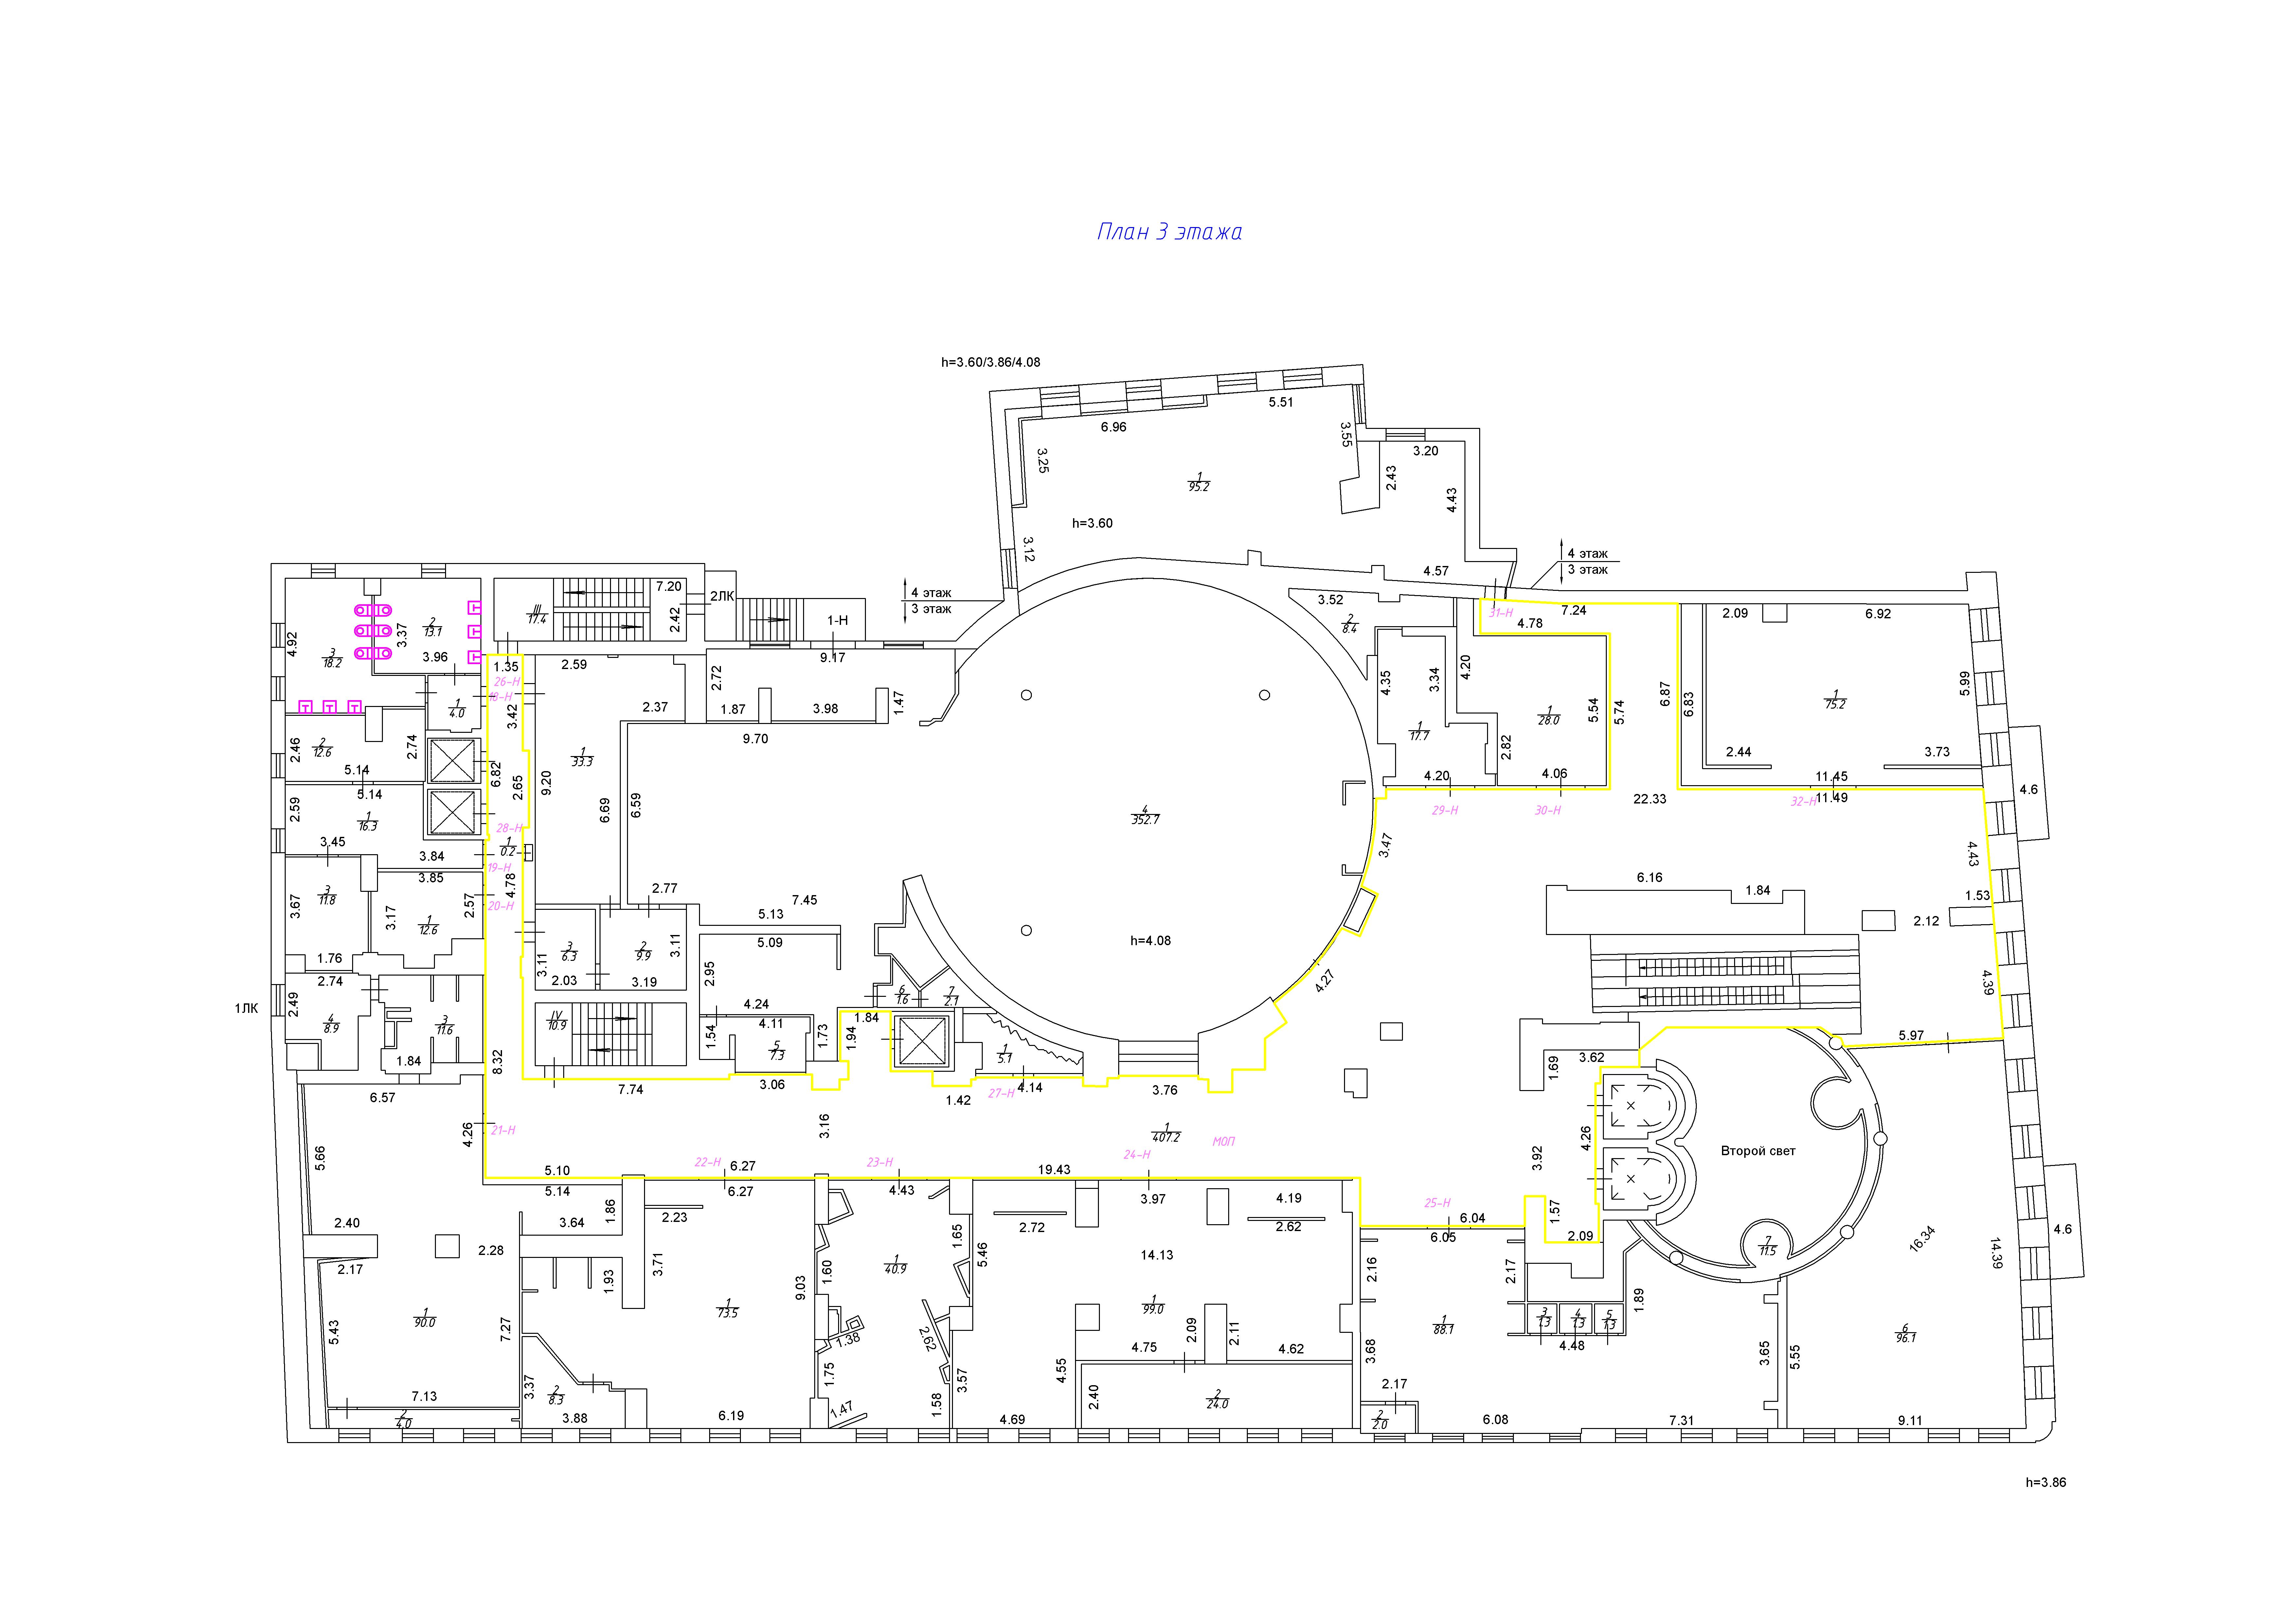 Образец вспомогательного помещения в торговом центре в центре Санкт-Петербурга. Кадастровая стоимость была уменьшена в 5 раз.